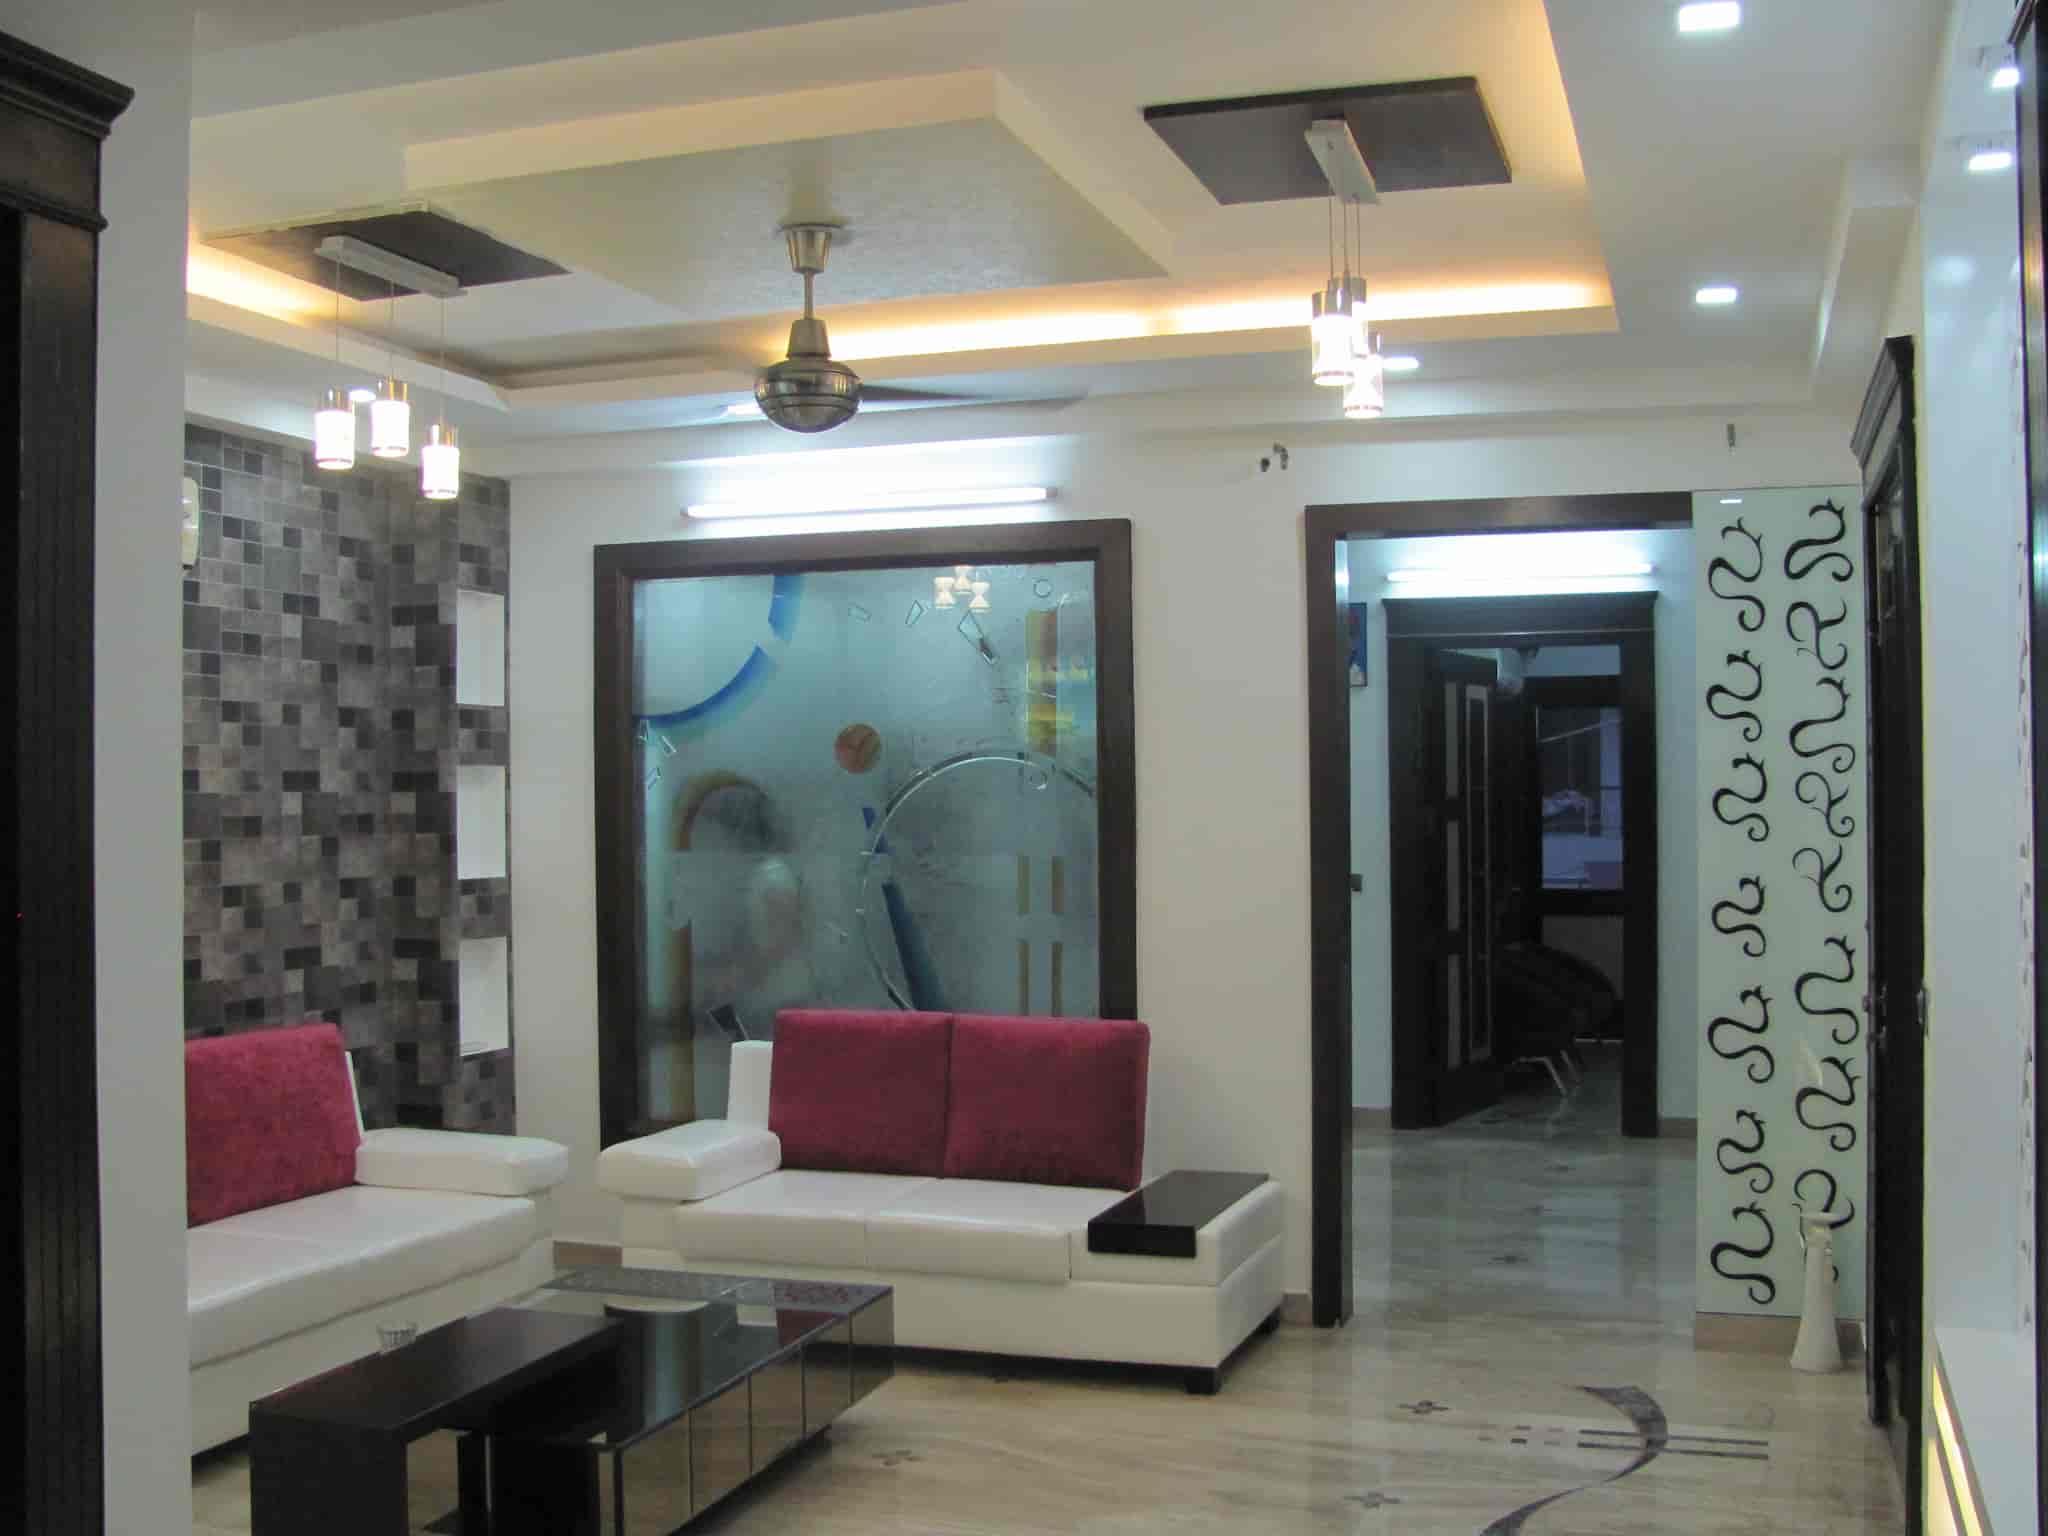 Creative Interior and Decor Patparganj - Interior Designers in Delhi - Justdial & Creative Interior and Decor Patparganj - Interior Designers in ...